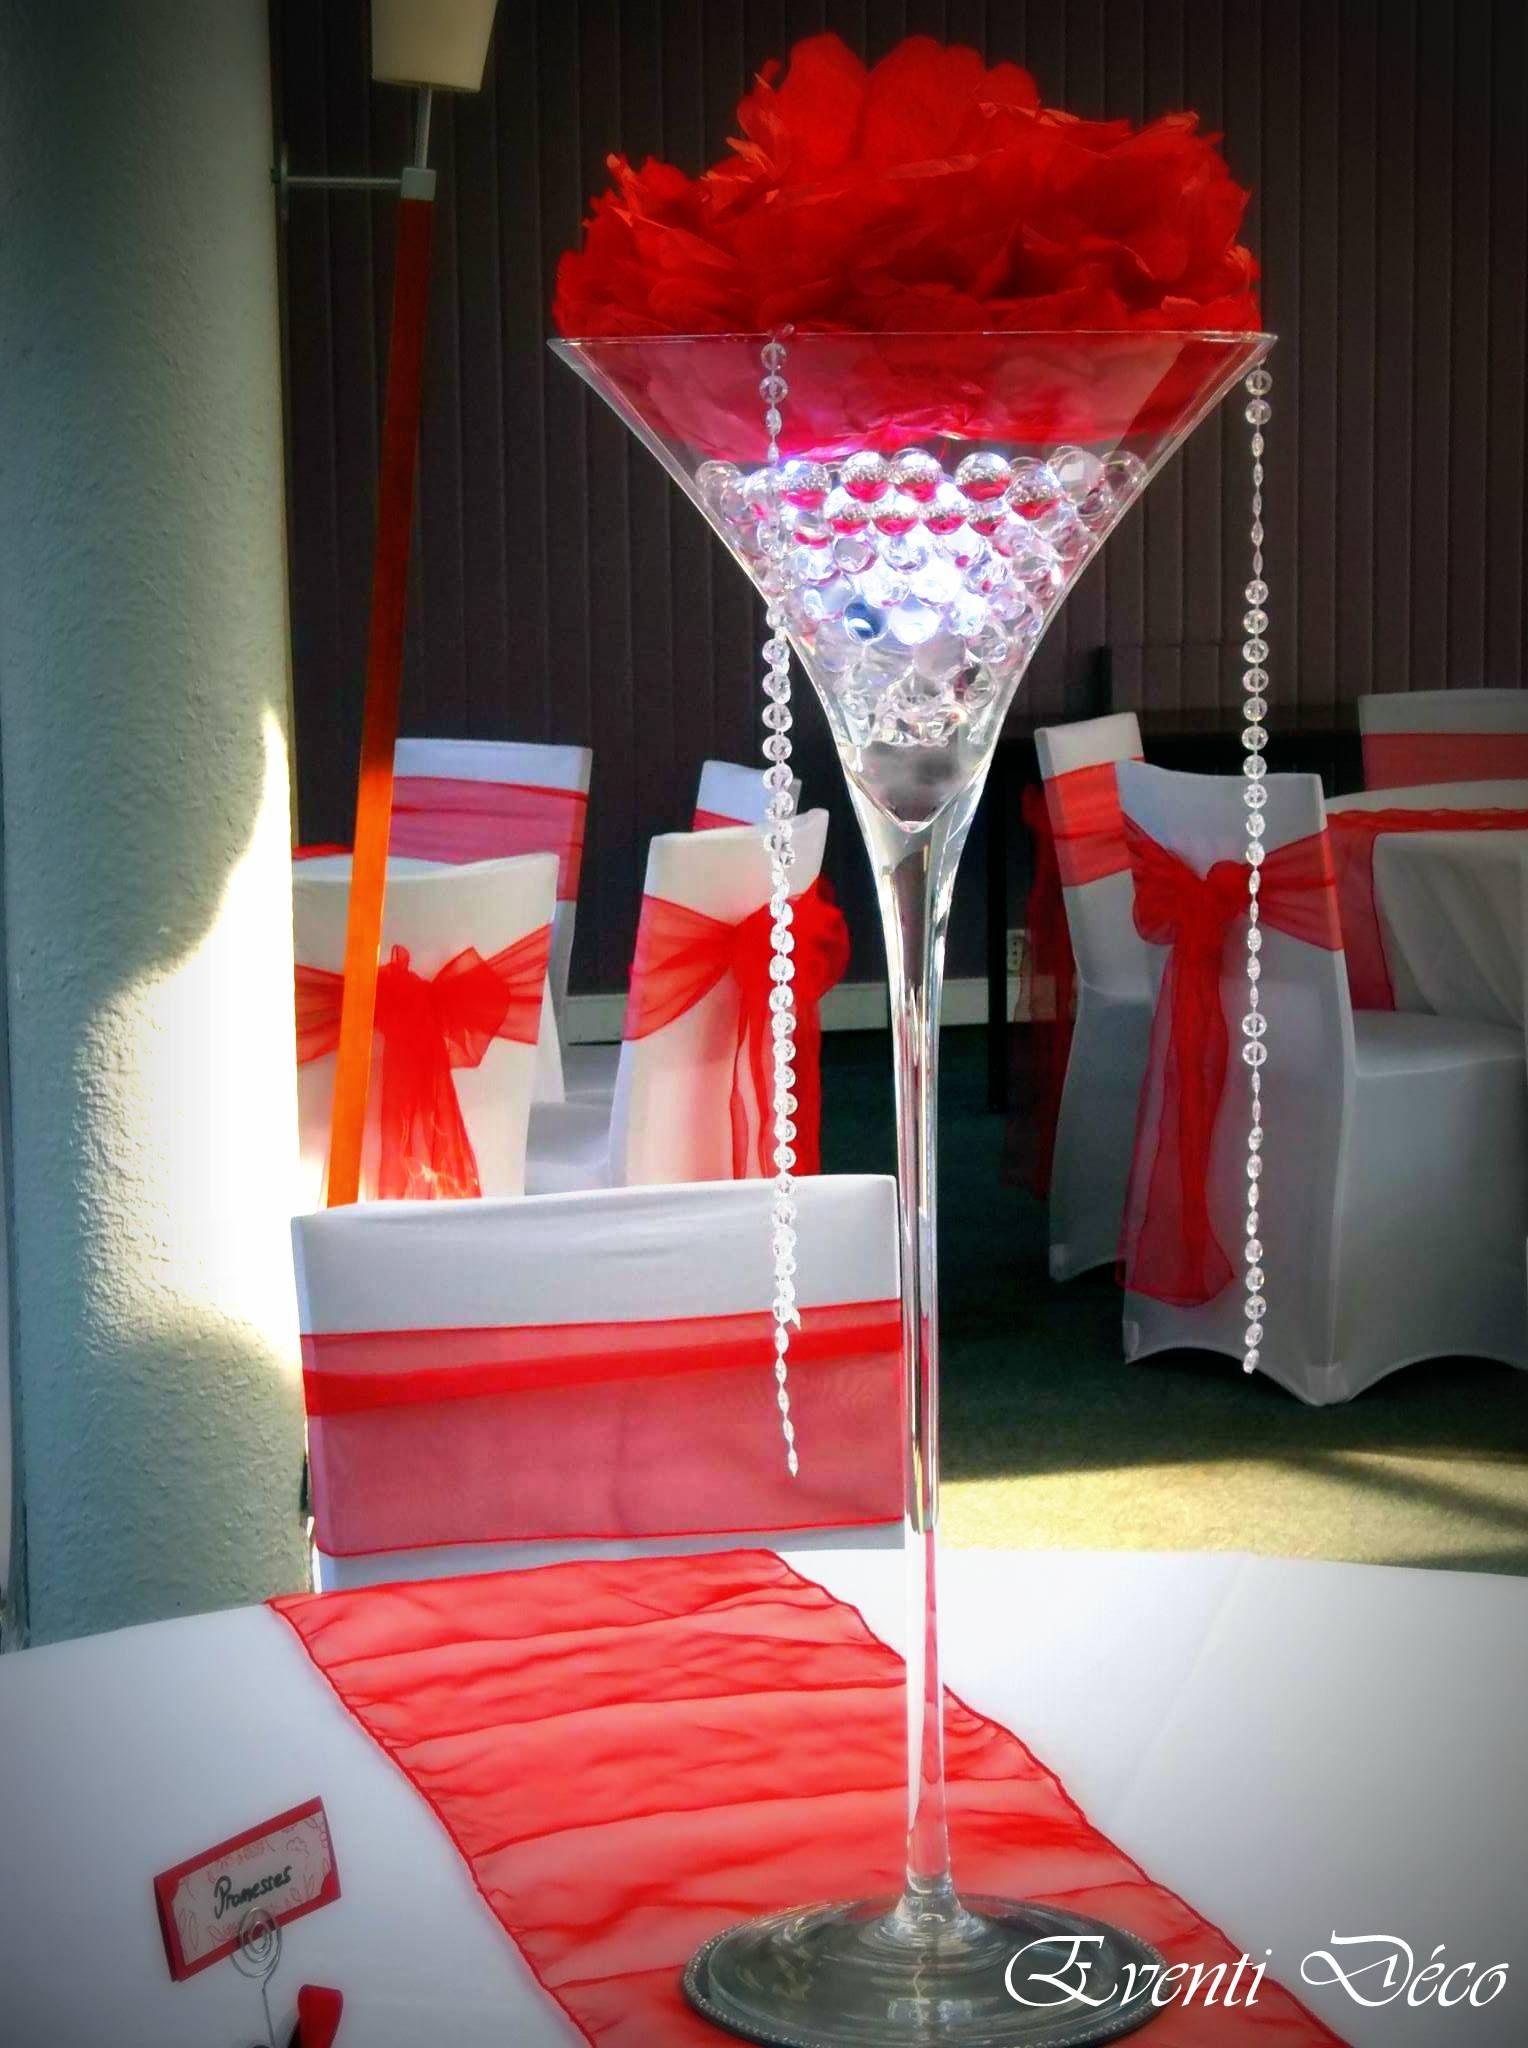 mariage glamour en rouge et blanc. création eventi déco - 56 www